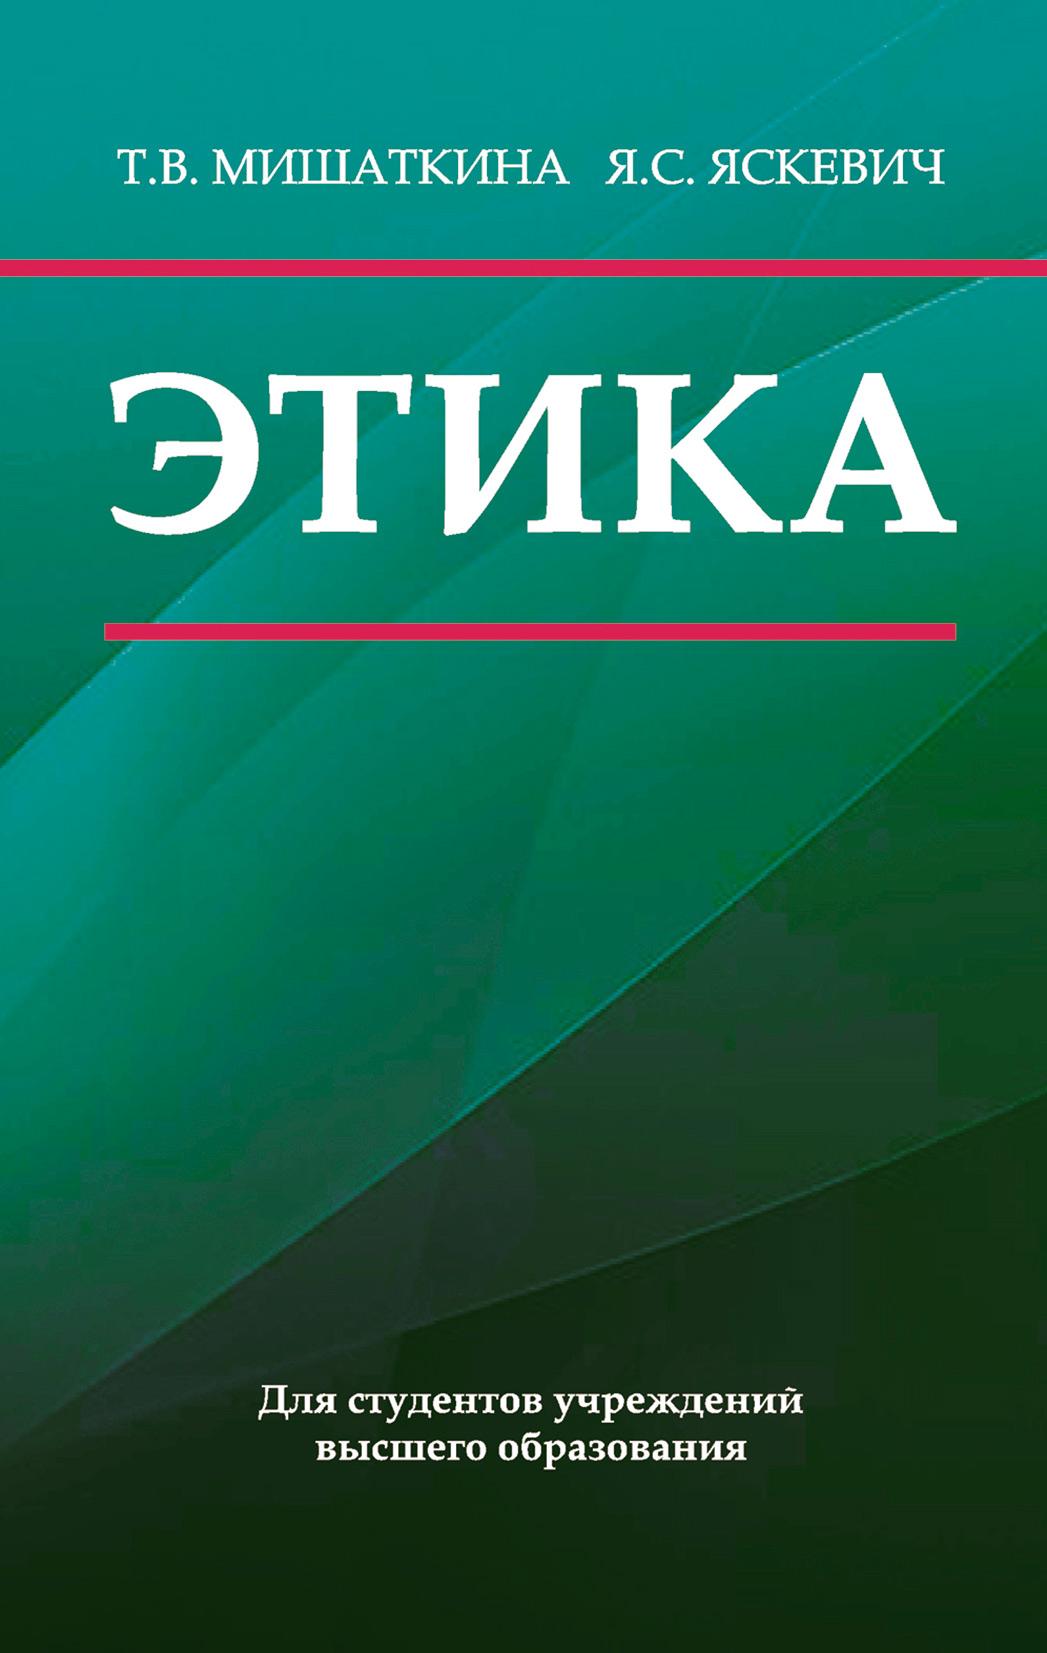 Я. С. Яскевич Этика лексикон дискуссионные темы и неоднозначные термины в сфере семьи жизни и этики